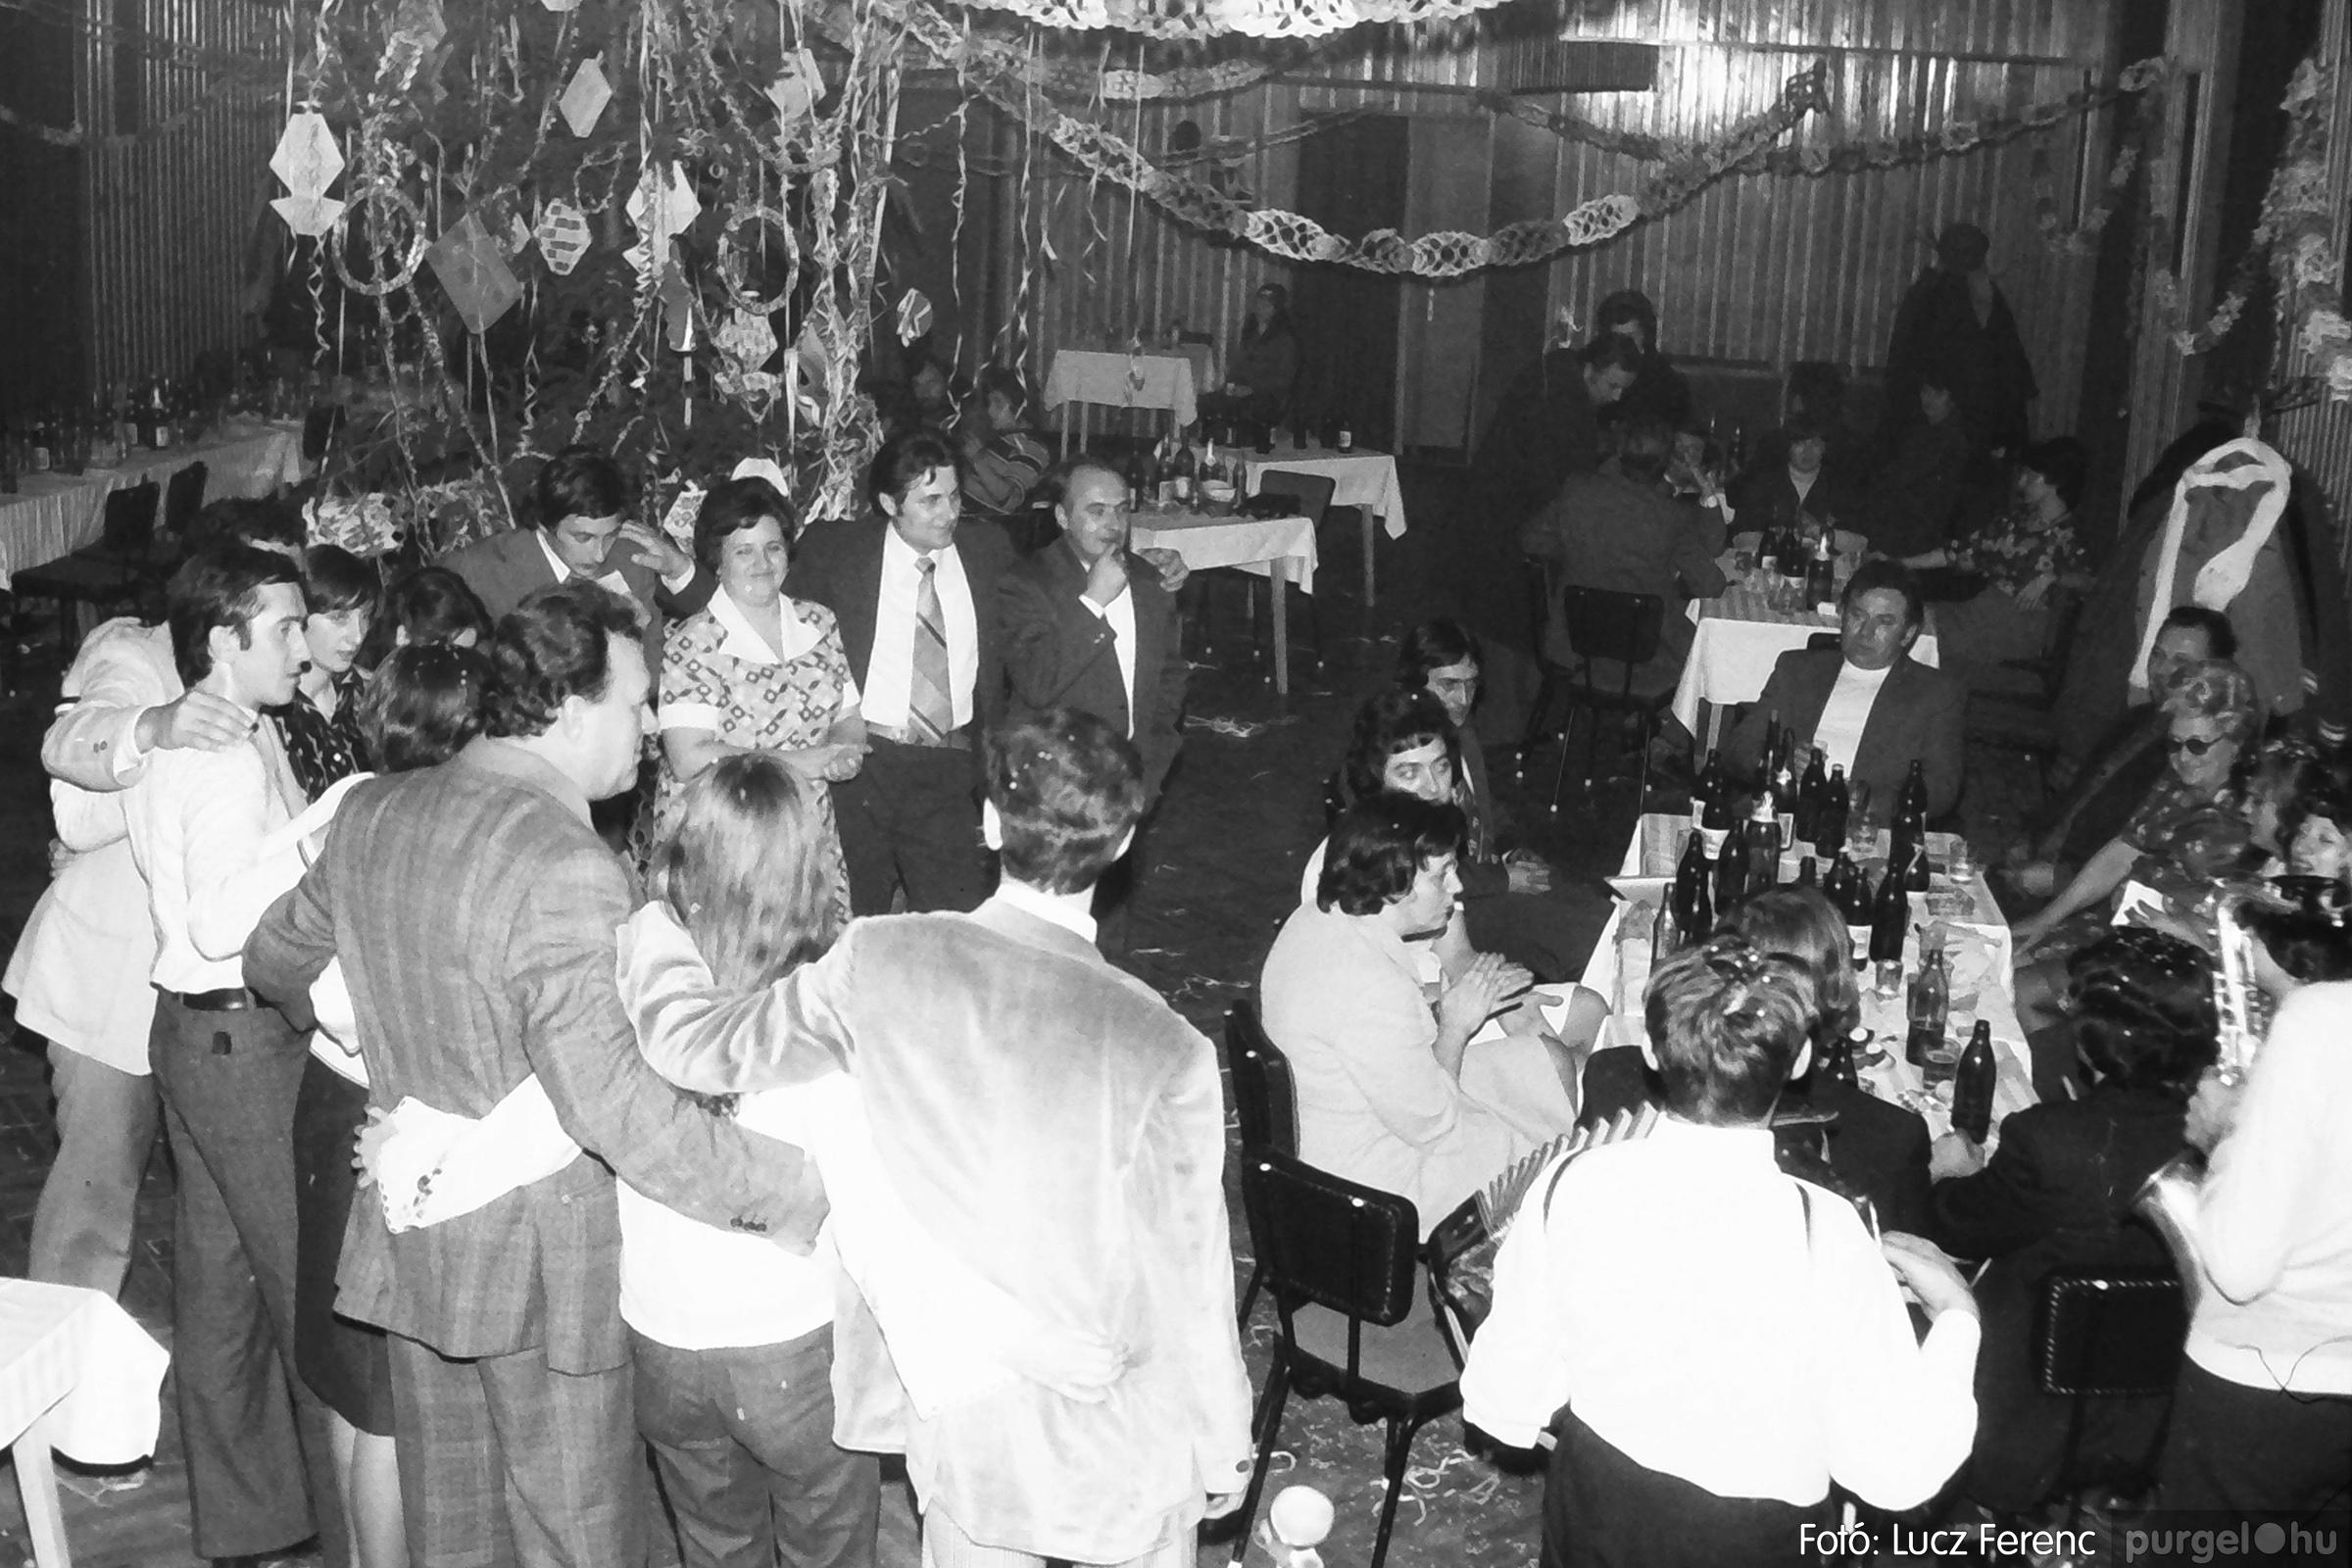 097. 1977.12.31. Szilveszter a kultúrházban 001. - Fotó: Lucz Ferenc.jpg